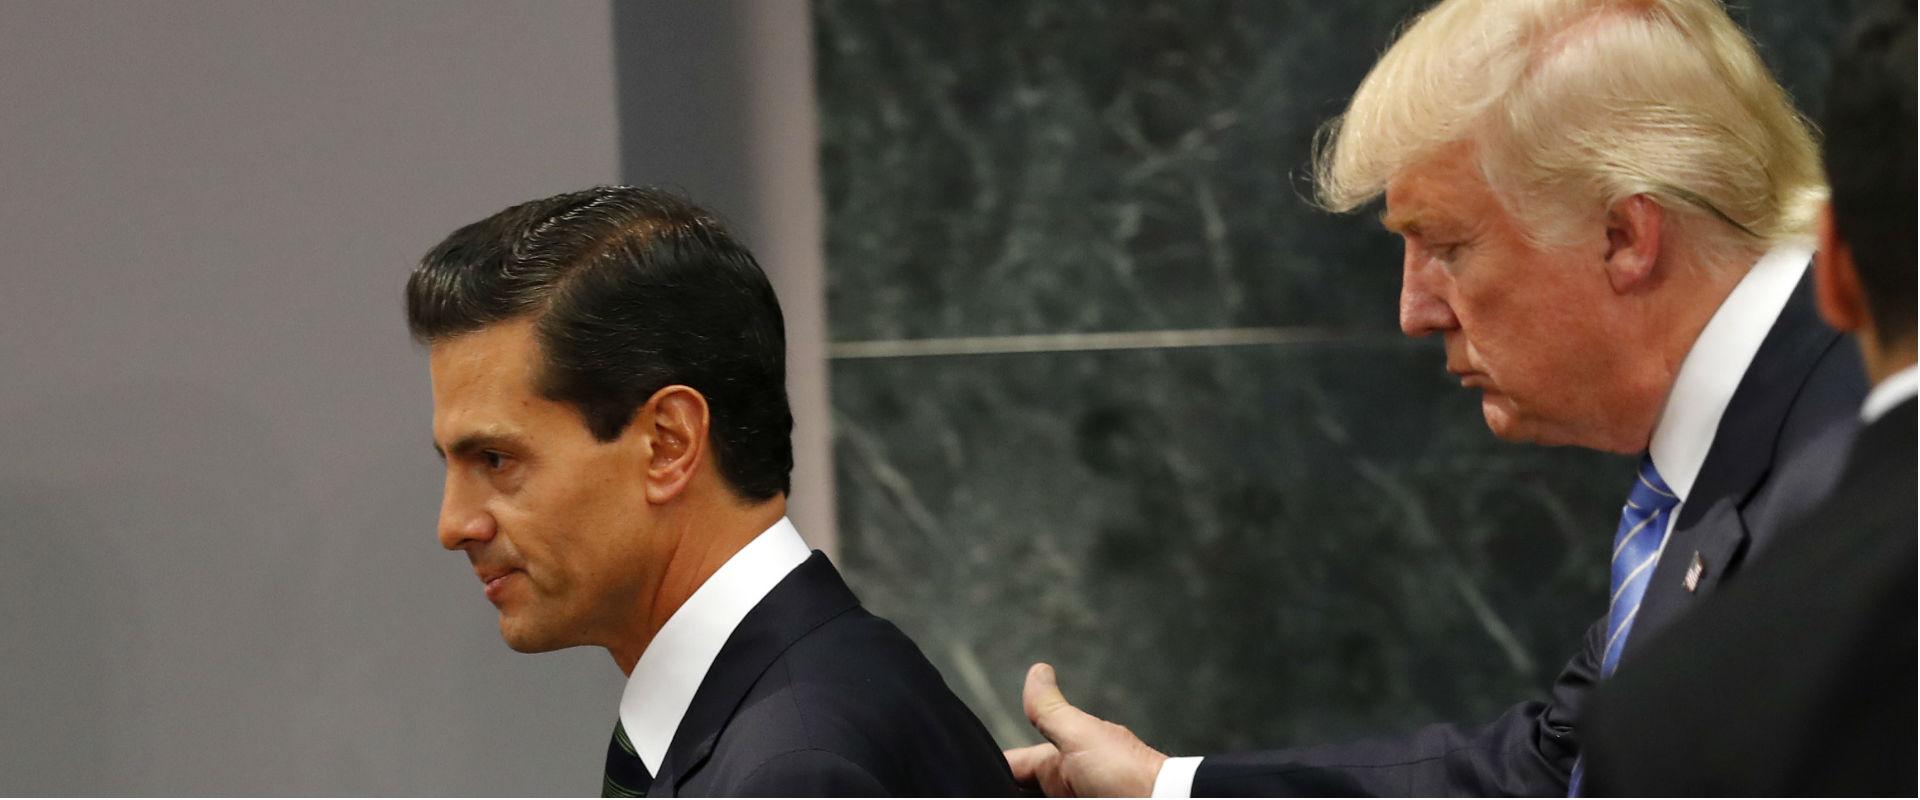 פגישת טראמפ עם נשיא מקסיקו, בתקופת קמפיין הבחירות